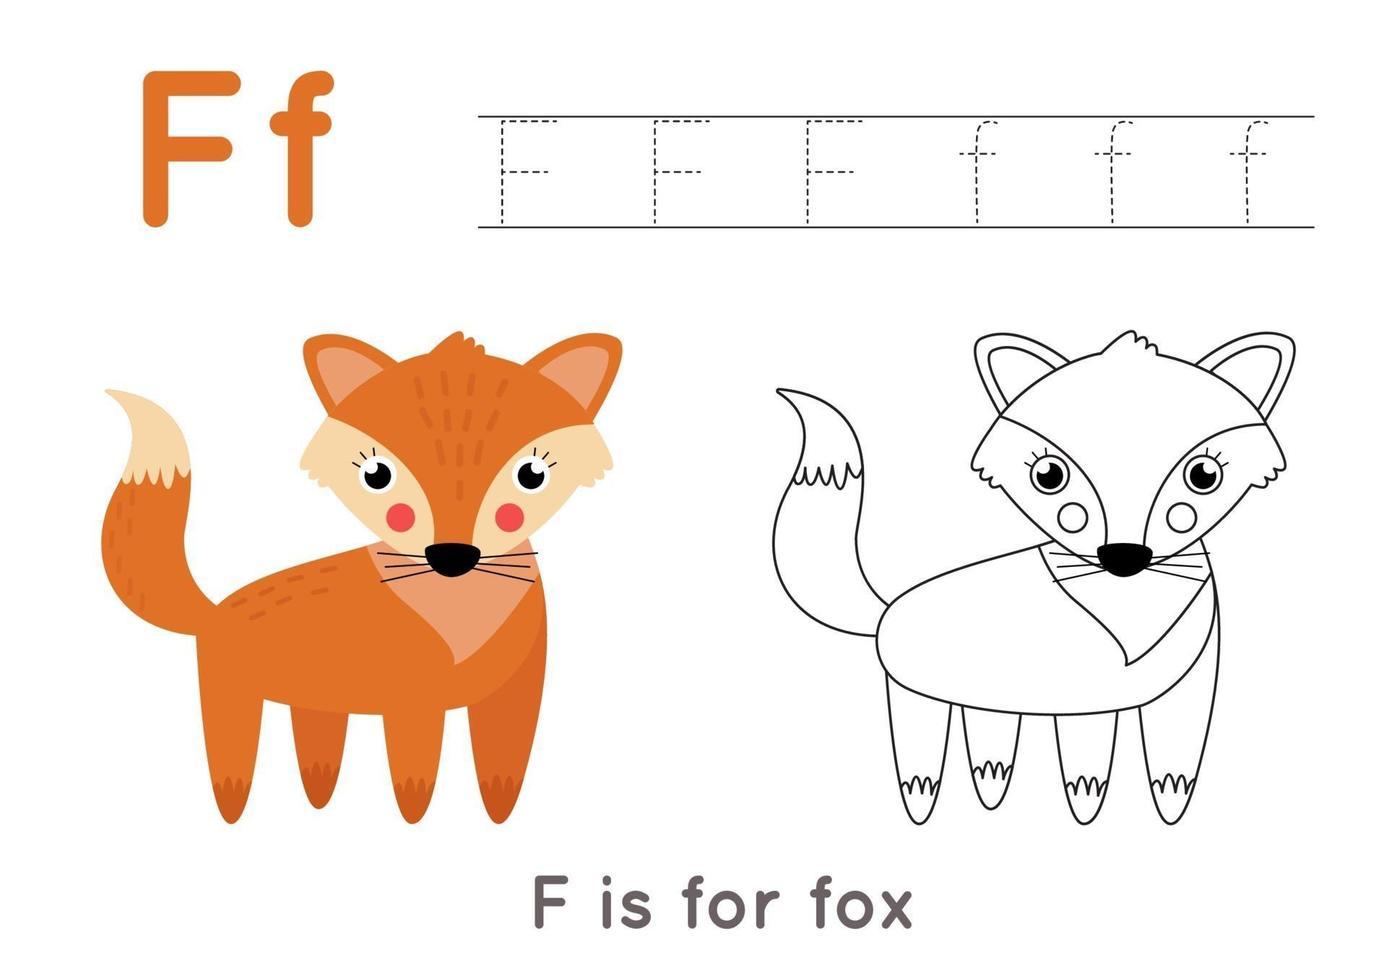 färg- och spårningssida med bokstaven f och söt tecknad räv. vektor